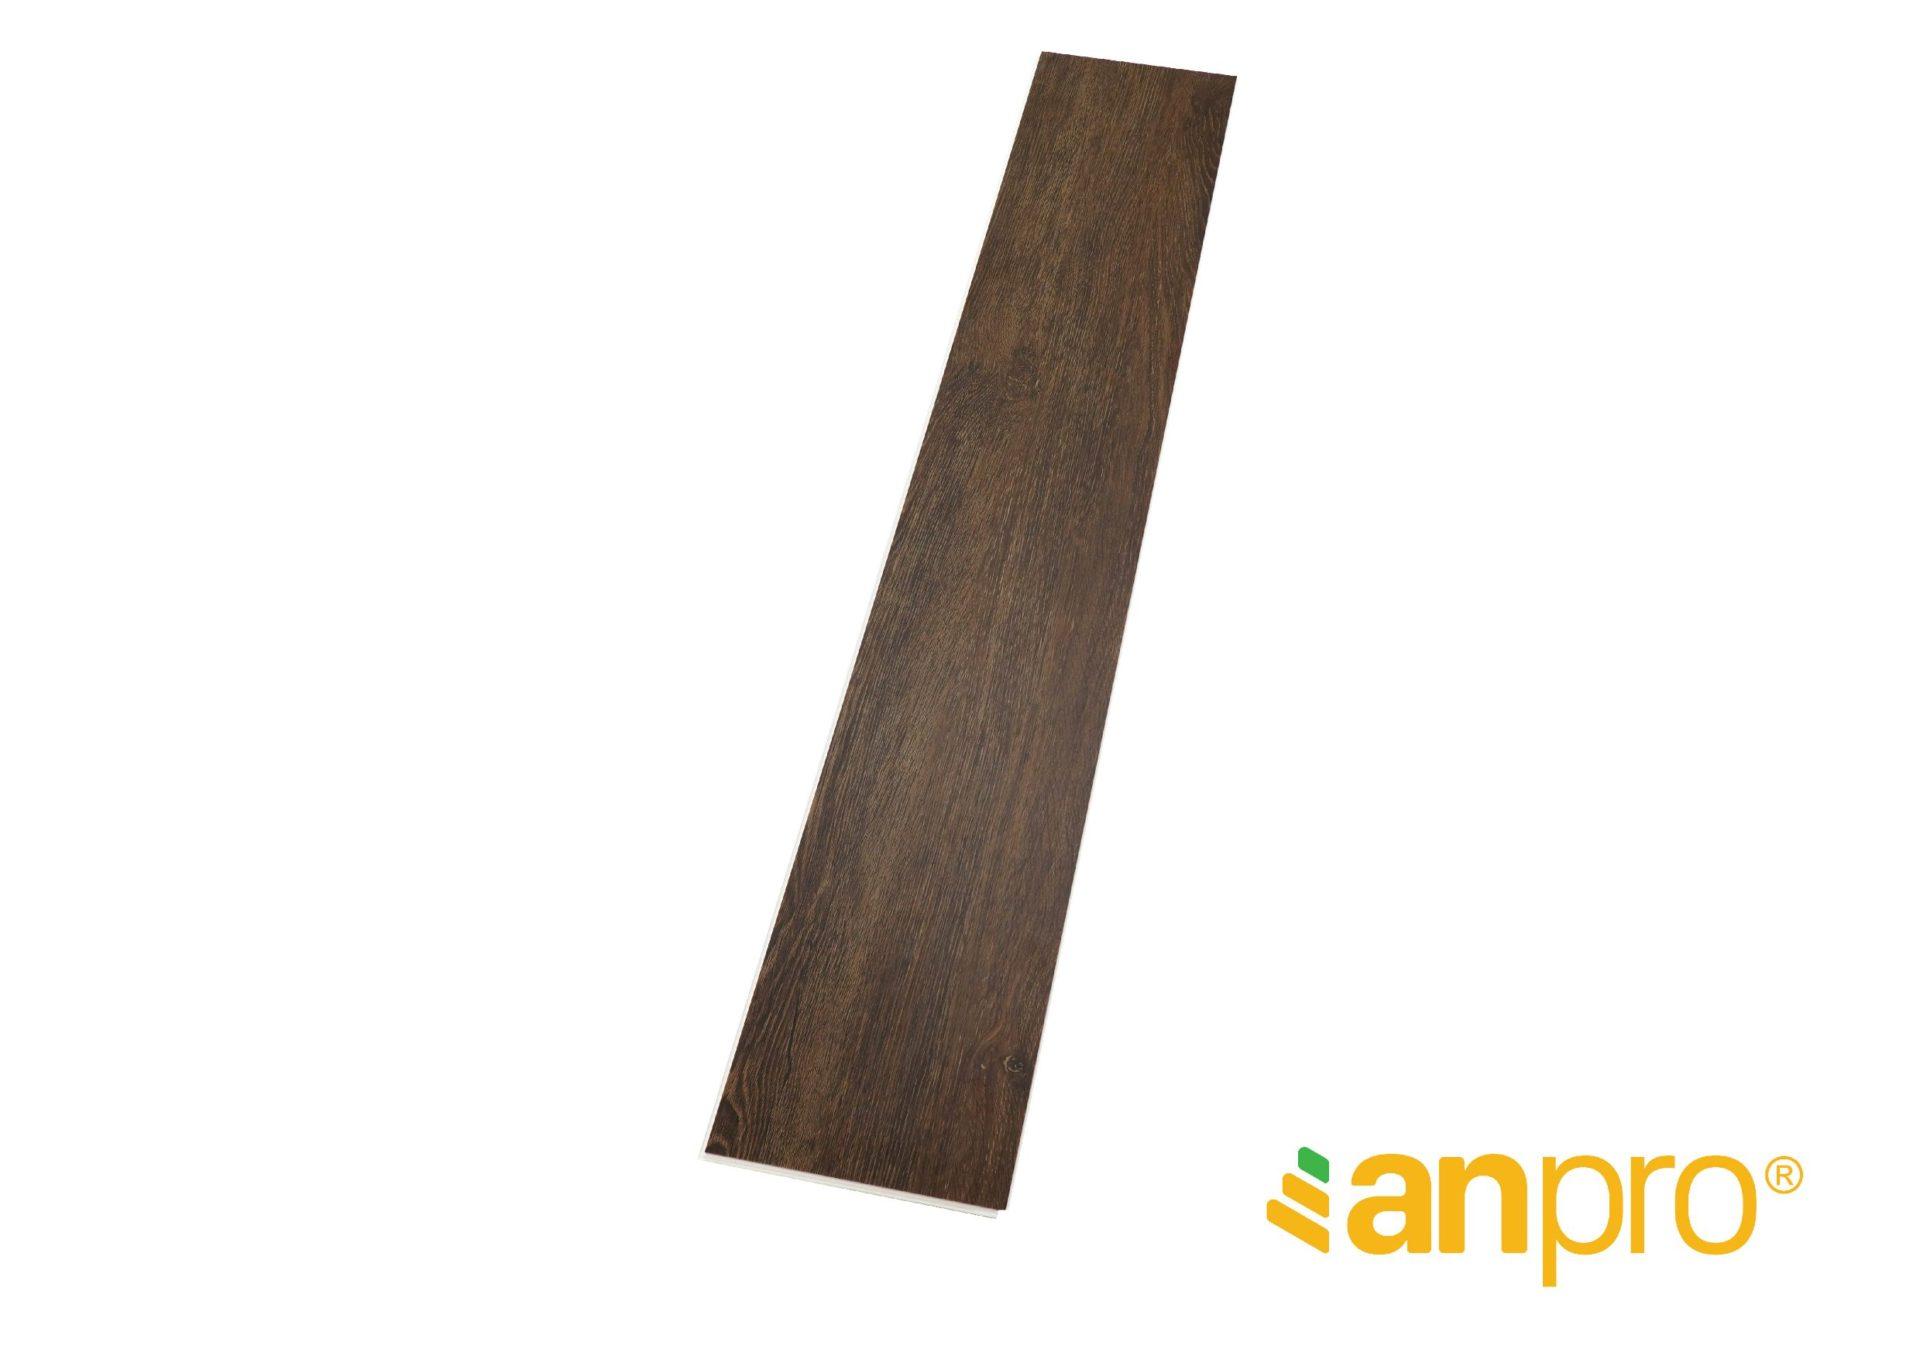 SA141 01 01 - Sàn AnPro vân gỗ SA148